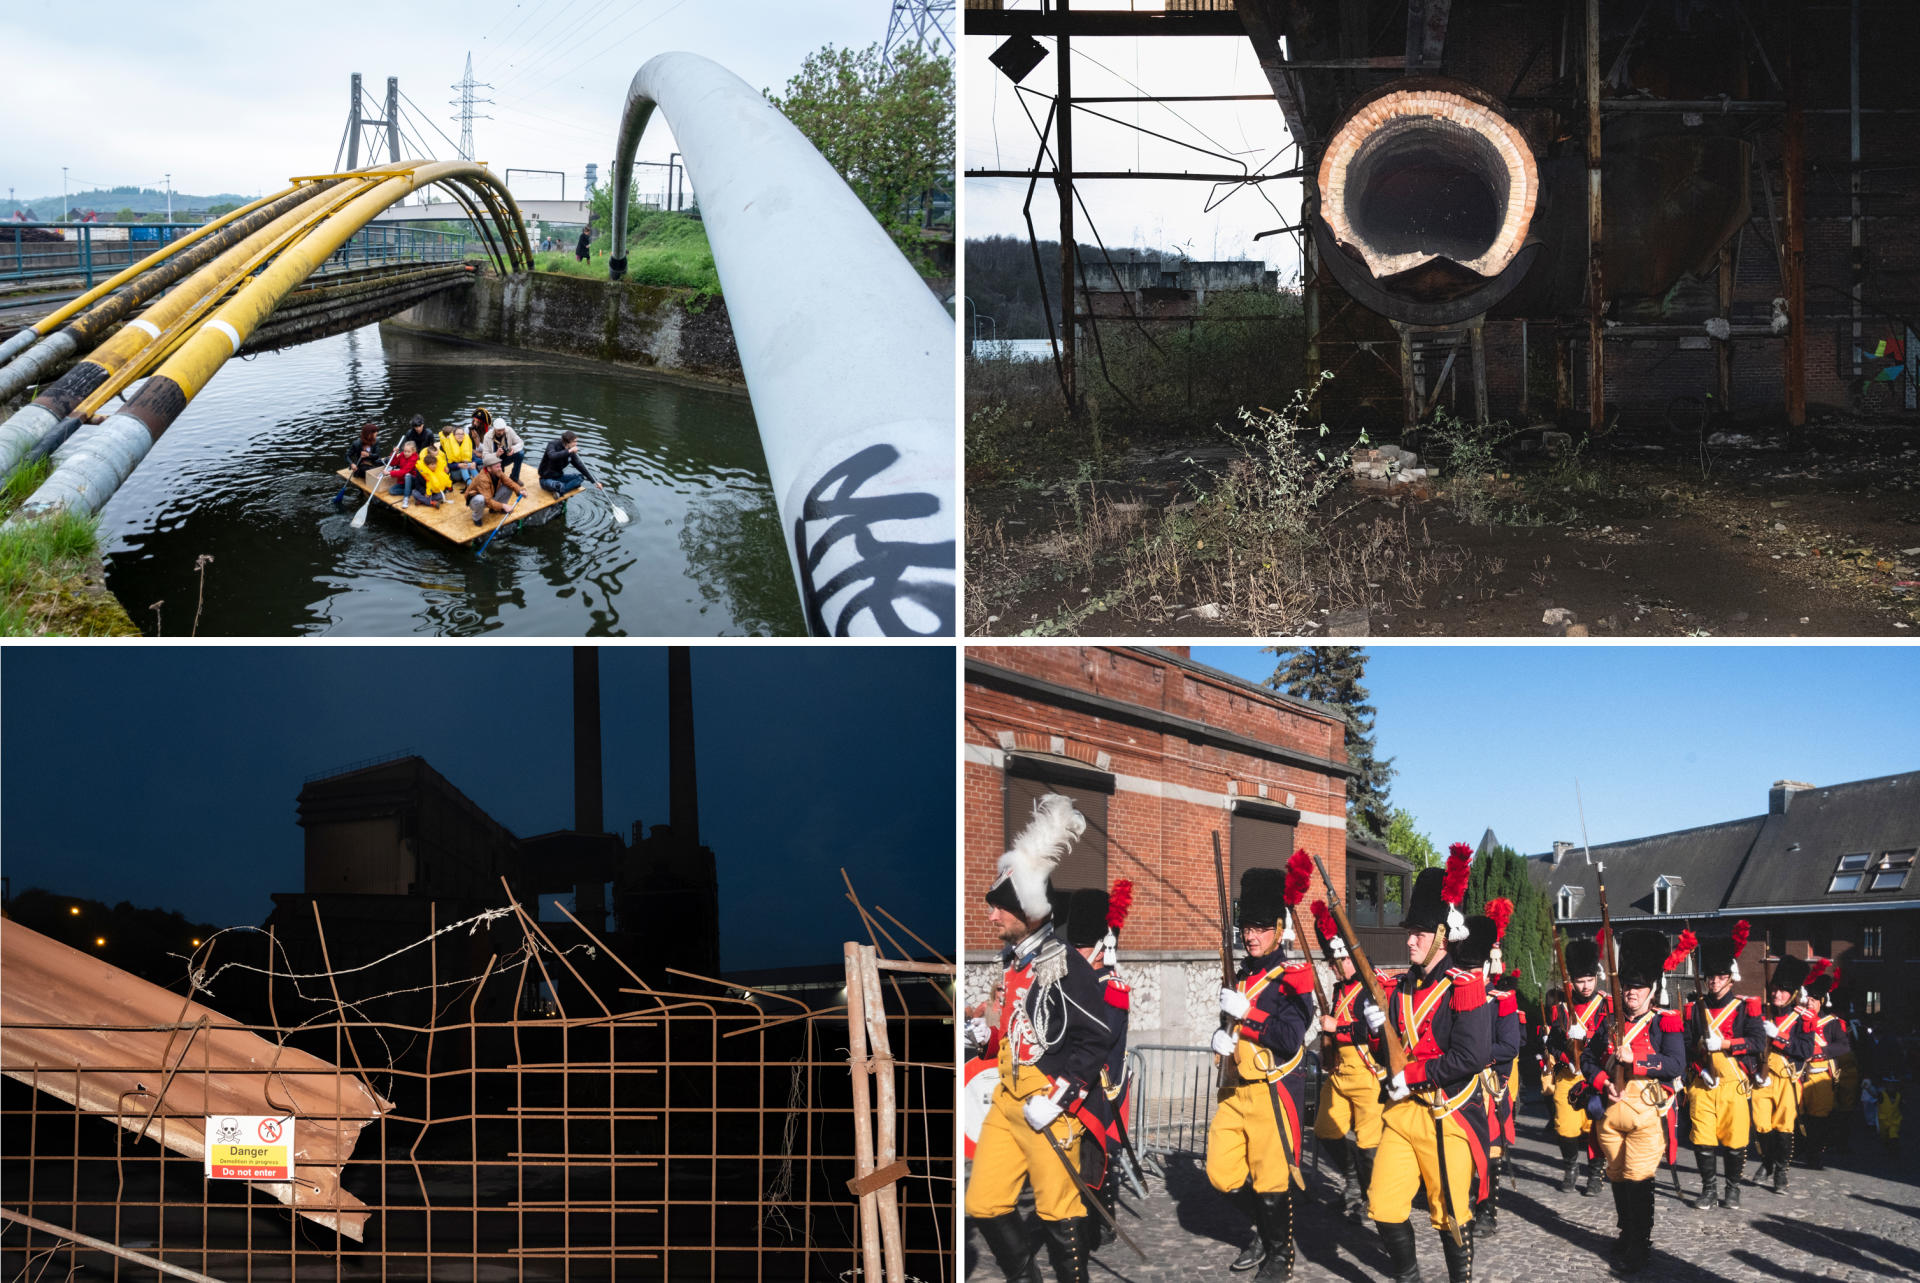 De gauche à droite et de haut en bas : Sur un canal, une embarcation en bouteilles plastique et bois navigue entre les pipelines. Une cheminée dans une friche industrielle. Une usine en ruine le long de la Sambre. La marche de Saint-Louis-de-Gonzague dans le quartier de Monceau-sur-Sambre.Nicolas Portnoï